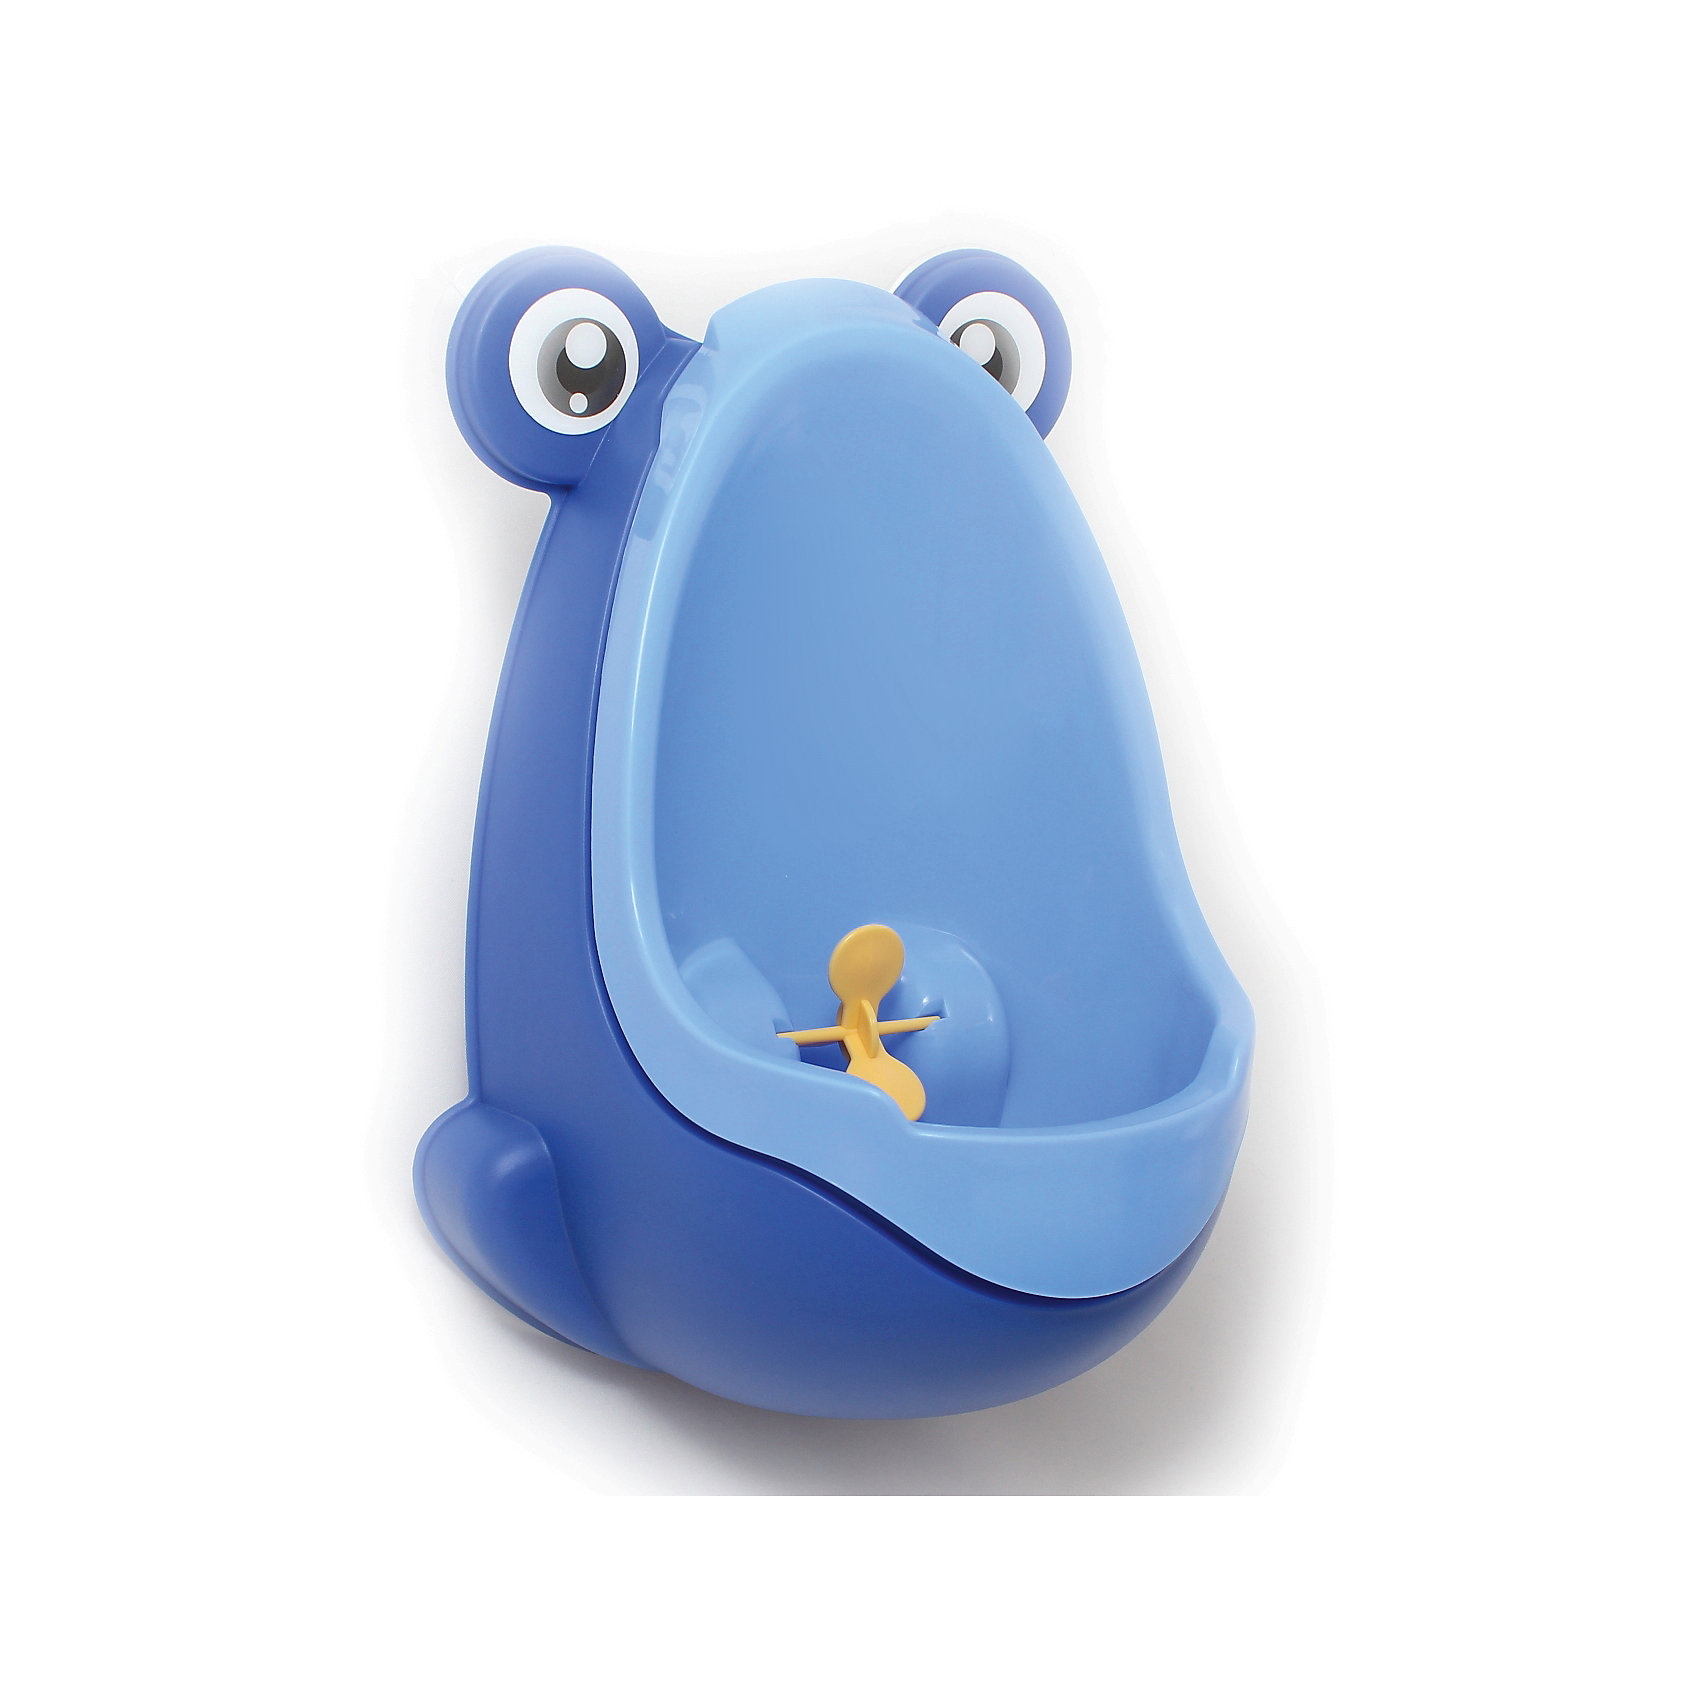 Писсуар с прицелом Лягушка, Roxy-kids, синийДетские горшки<br>Писсуар с прицелом, Roxy-kids (Рокси-кидс) поможет вашему малышу легко и быстро приучиться ходить во взрослый туалет. Яркий оригинальный писсуар в форме лягушонка обязательно понравится ребенку и в игровой форме поможет малышу овладеть необходимыми гигиеническими навыками. Изделие выполнено из прочного пластика, может крепиться на стену с помощью присосок, расположенных на задней стенке. <br><br>Дополнительная информация:<br><br>- Размер: 15х21х30 см.<br>- Материал: пластик.<br>- Цвет: синий.<br><br>Писсуар с прицелом Лягушка, Roxy-kids (Рокси-кидс), синий, можно купить в нашем магазине.<br><br>Ширина мм: 220<br>Глубина мм: 220<br>Высота мм: 360<br>Вес г: 500<br>Возраст от месяцев: 12<br>Возраст до месяцев: 36<br>Пол: Мужской<br>Возраст: Детский<br>SKU: 3998109